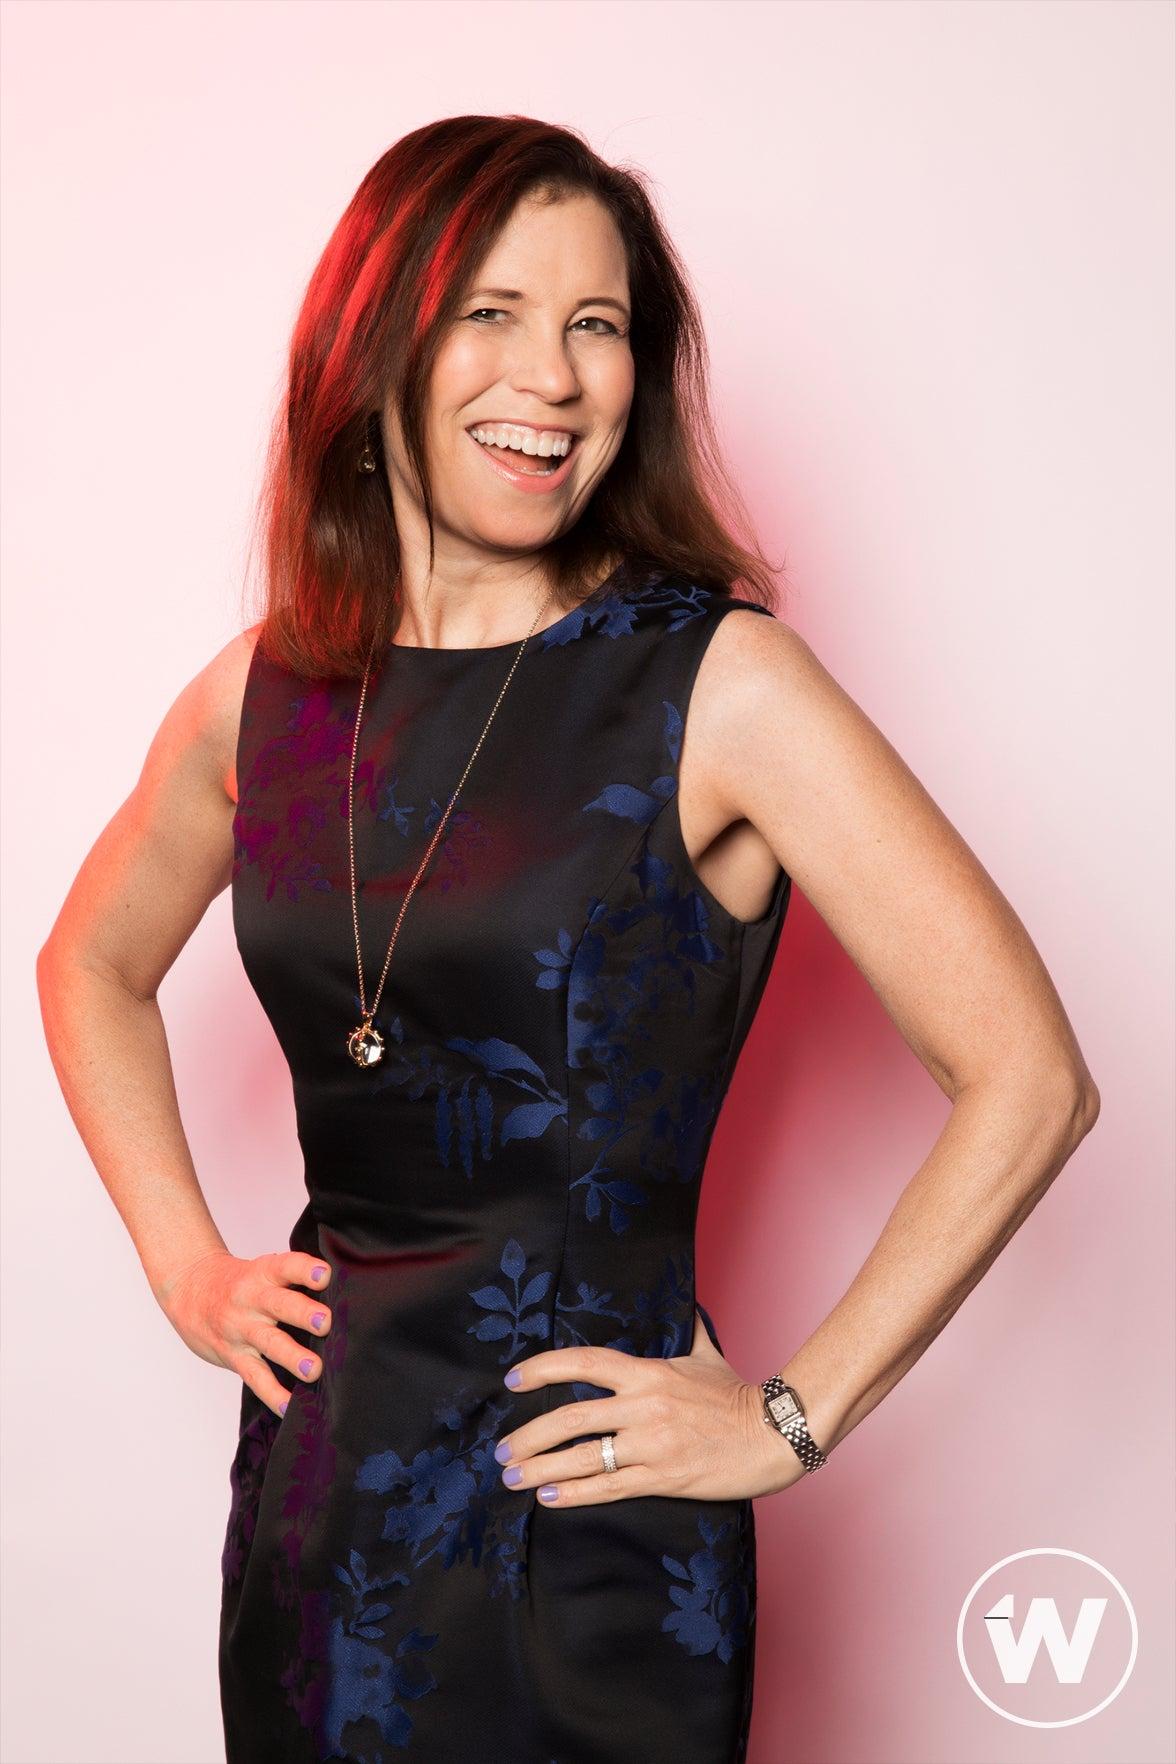 Joanne Lipman, Power Women Summit